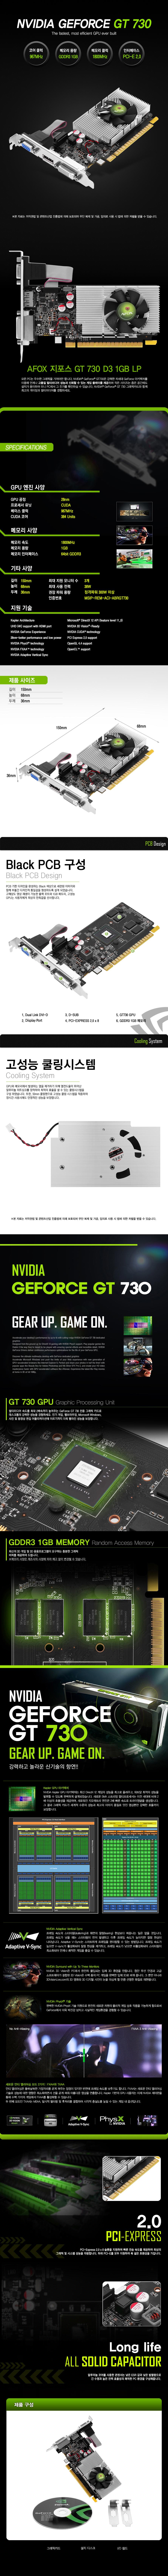 AFOX 지포스 GT730 D3 1GB LP db.jpg